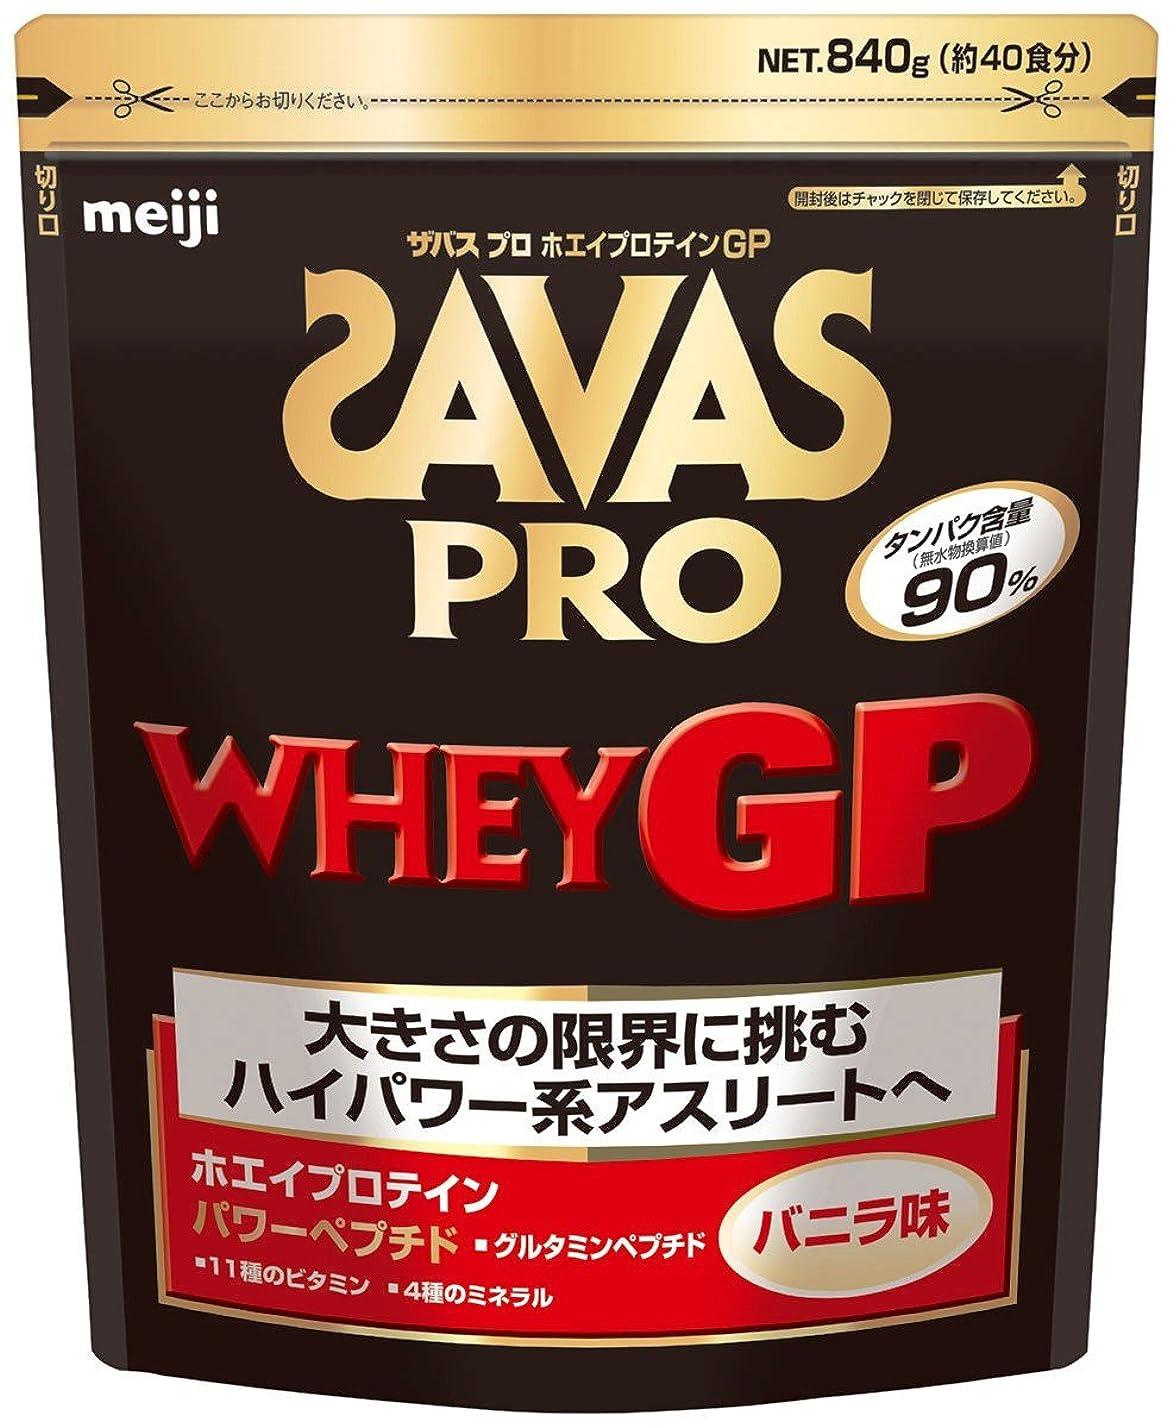 全員キャリアボットザバス(SAVAS) プロ ホエイプロテインGP バニラ味 【40回分】 840g